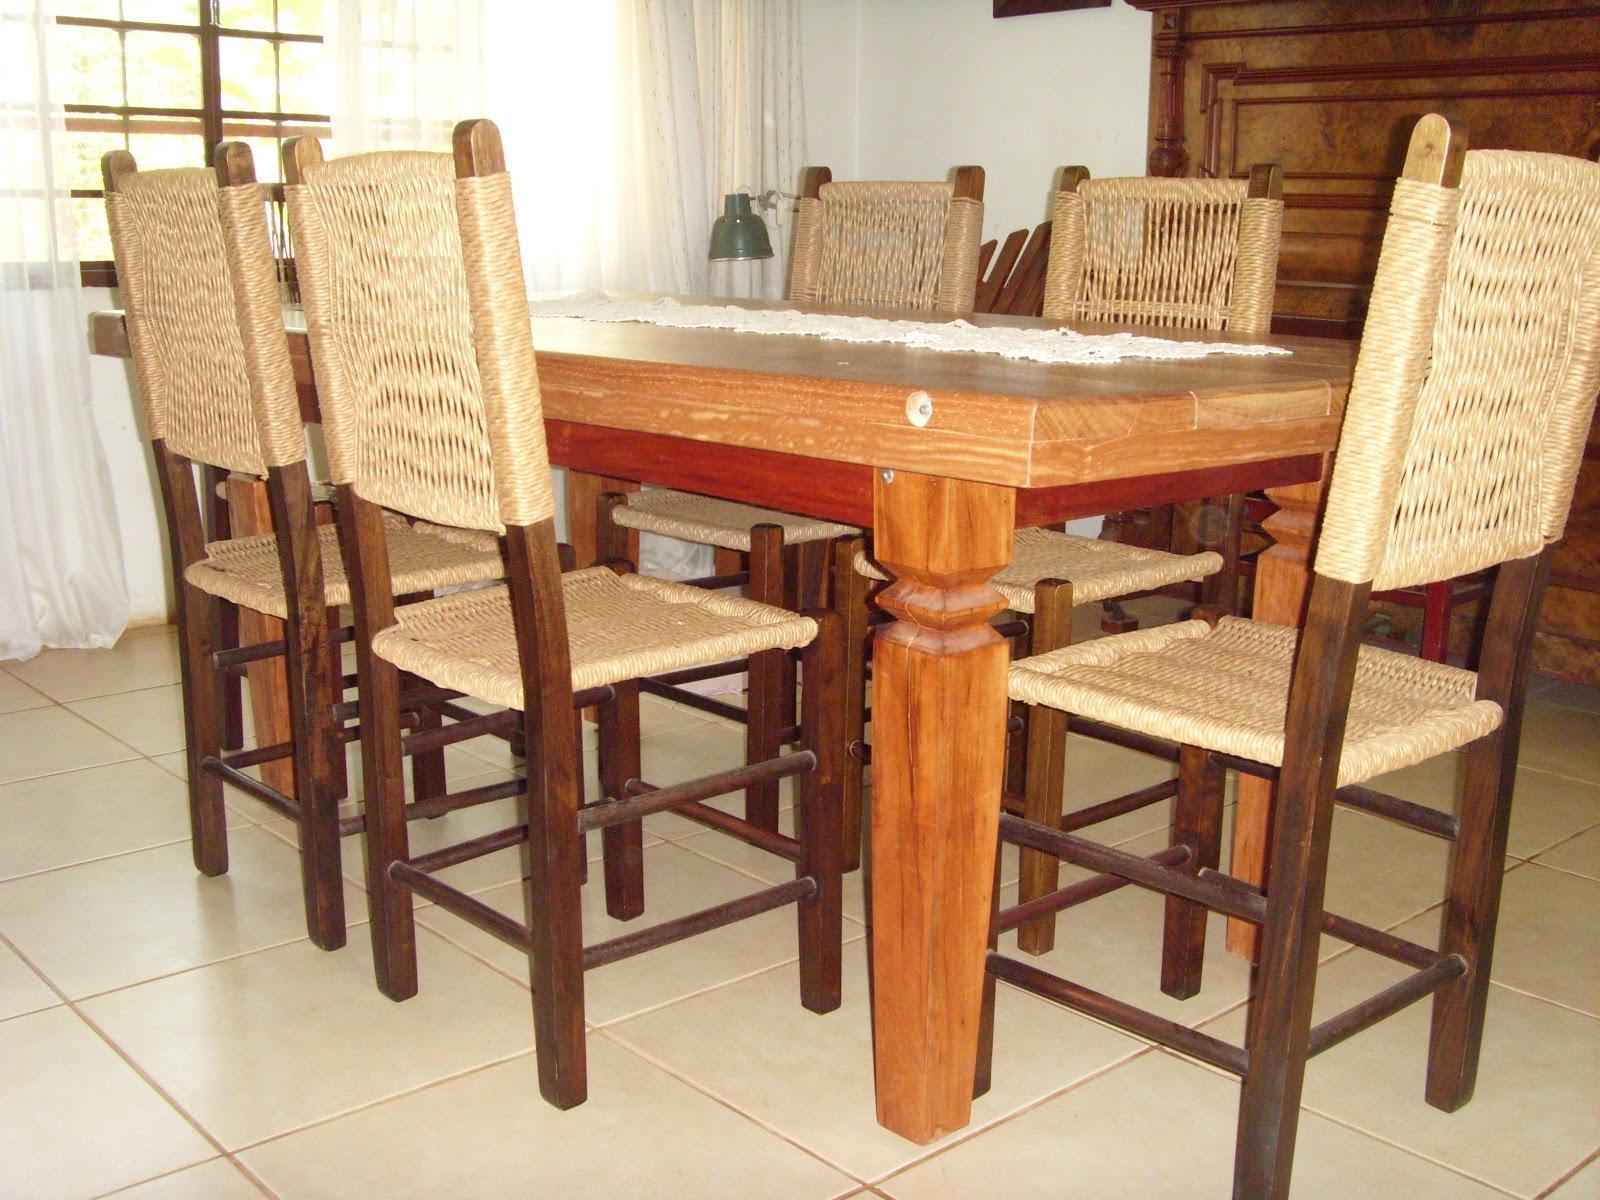 madeira maciça angelim 06 cadeiras com assento e encosto de palha #AF411C 1600x1200